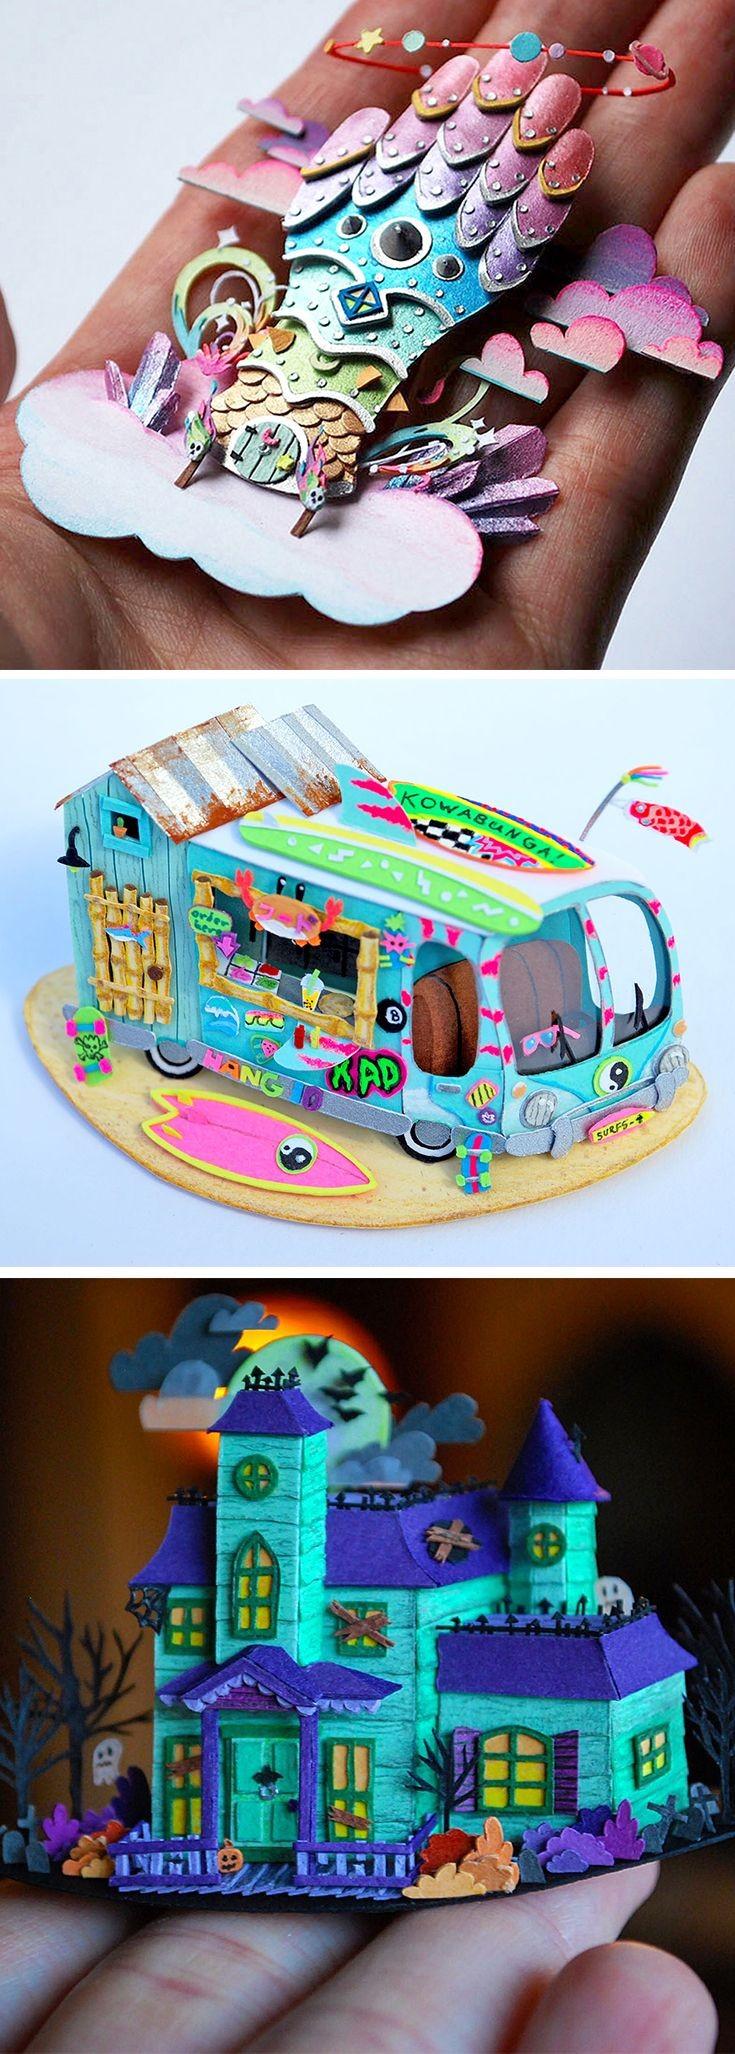 Ross Papercraft Show 550 Best P A P E R A R T S Images On Pinterest